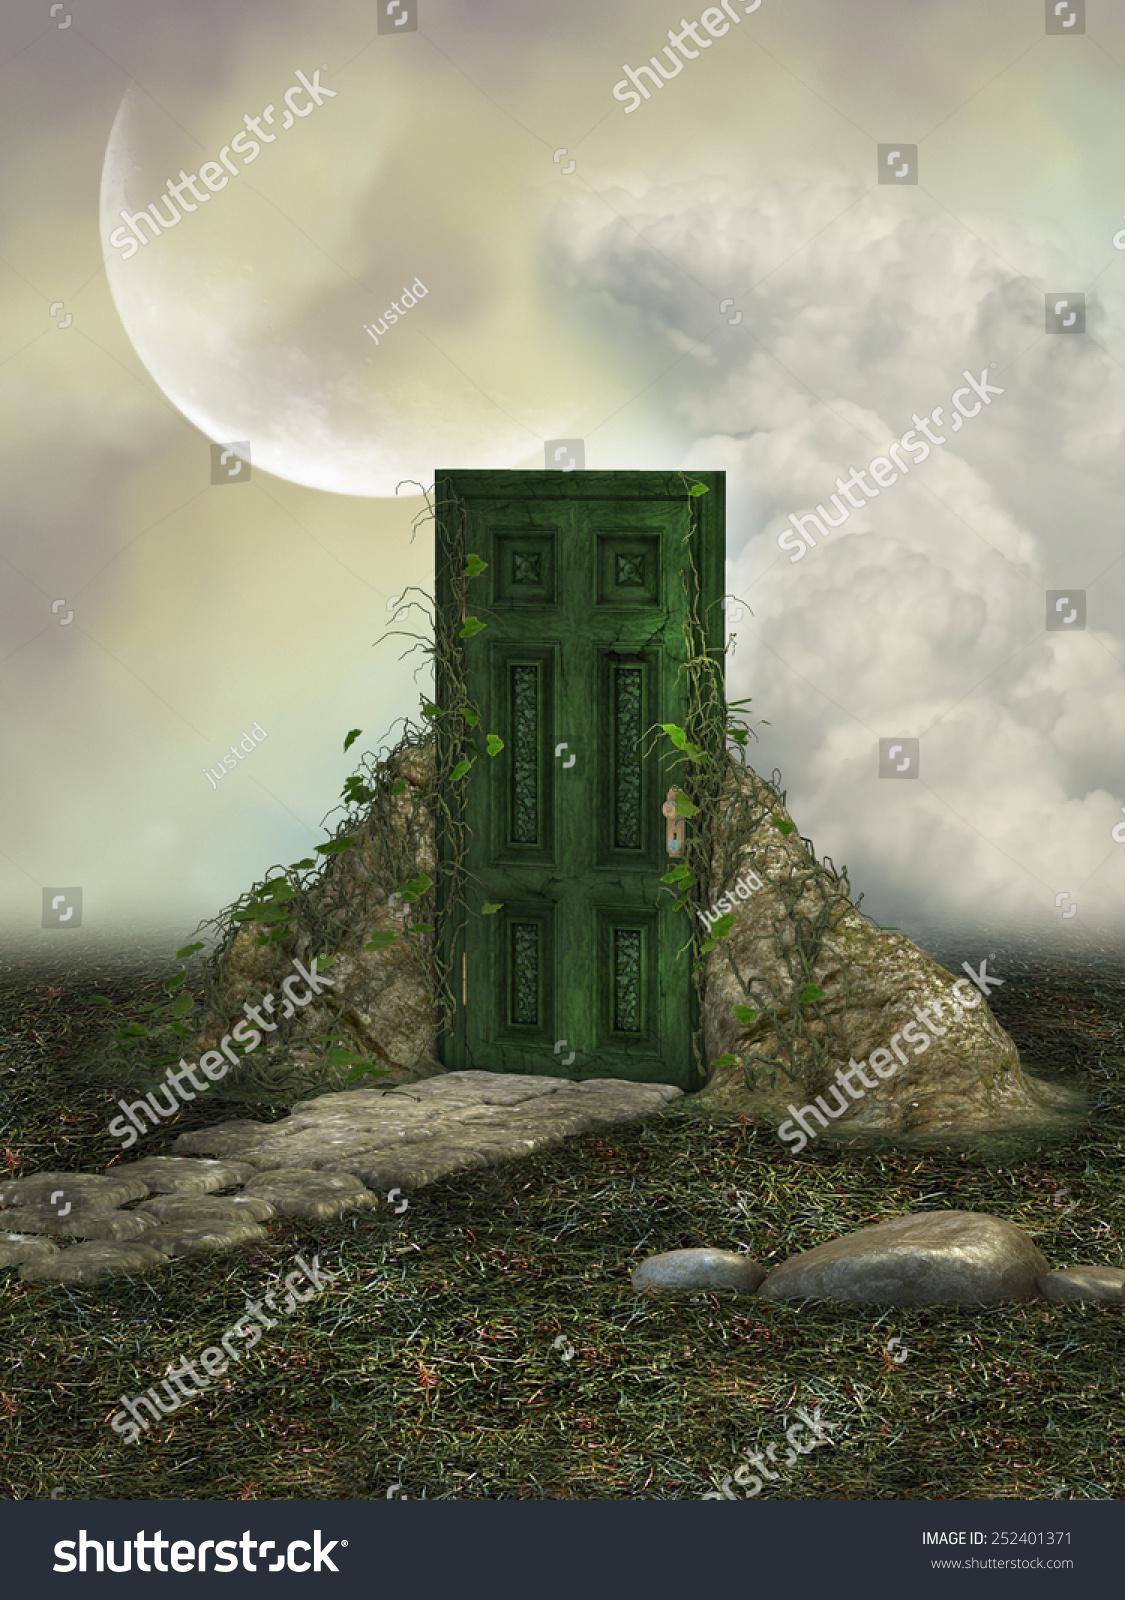 奇幻景观领域的魔法门-背景/素材,自然-海洛创意()-合